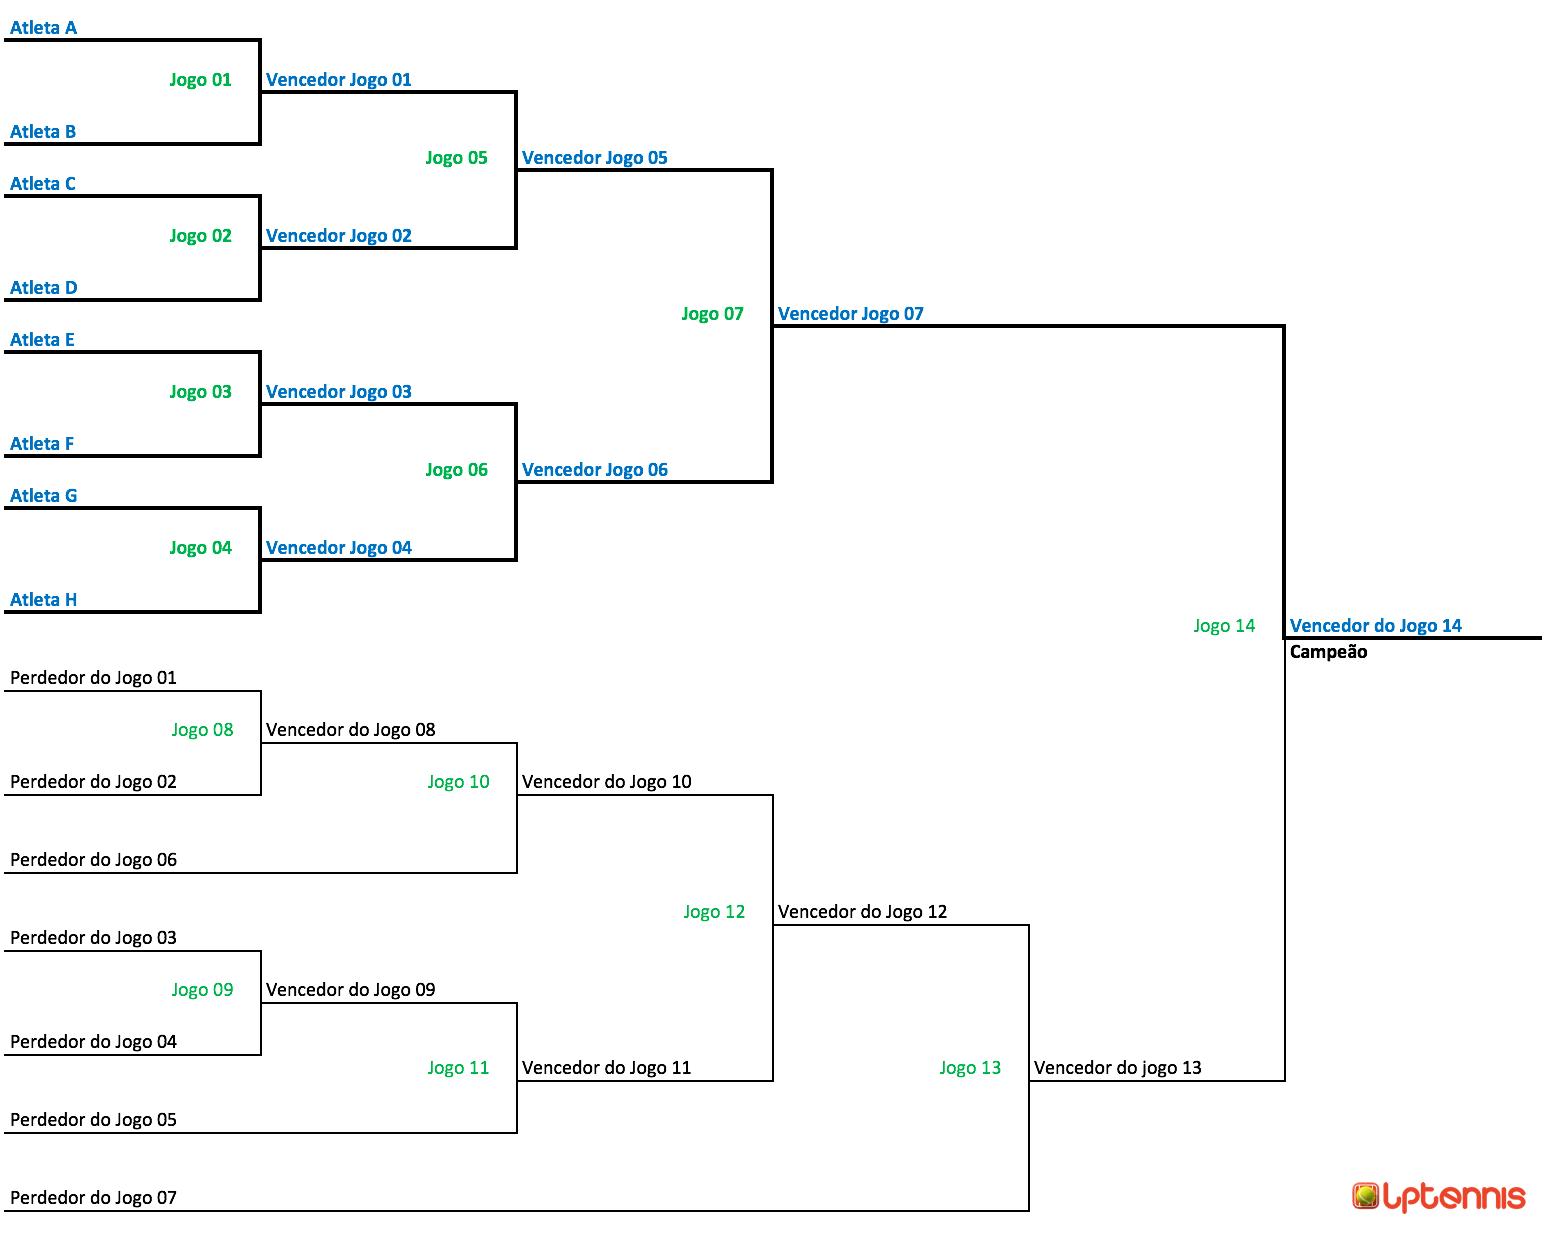 Chave de torneio com dupla eliminatória